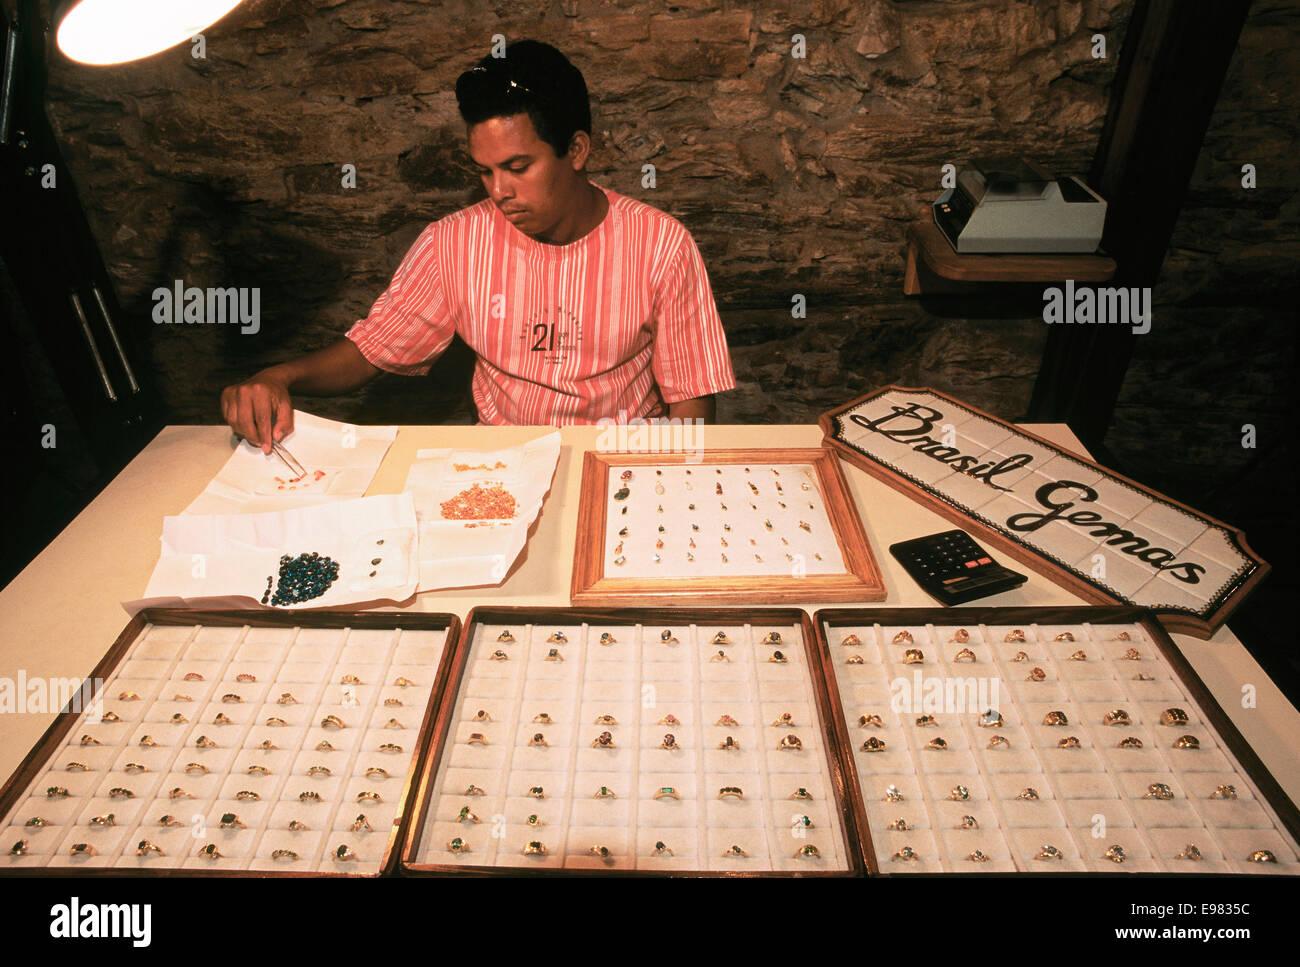 América, Brasil, Minas Gerais, Ouro Preto, Brasil, gemas semipreciosas Foto de stock